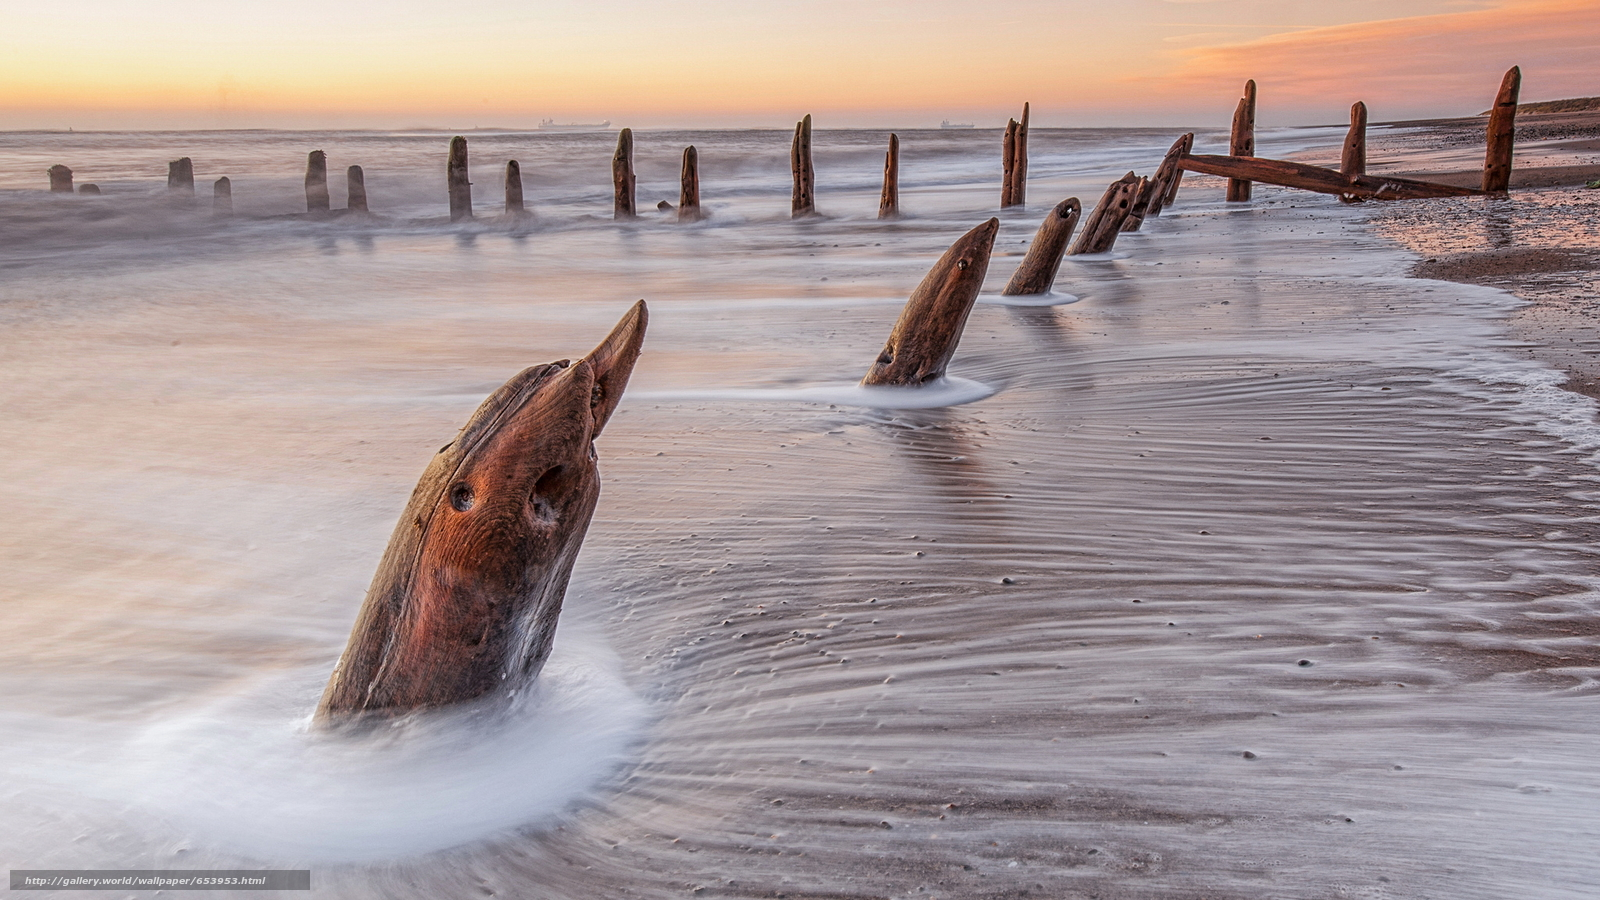 Скачать обои море,  океан,  водоем,  вечер бесплатно для рабочего стола в разрешении 2048x1152 — картинка №653953